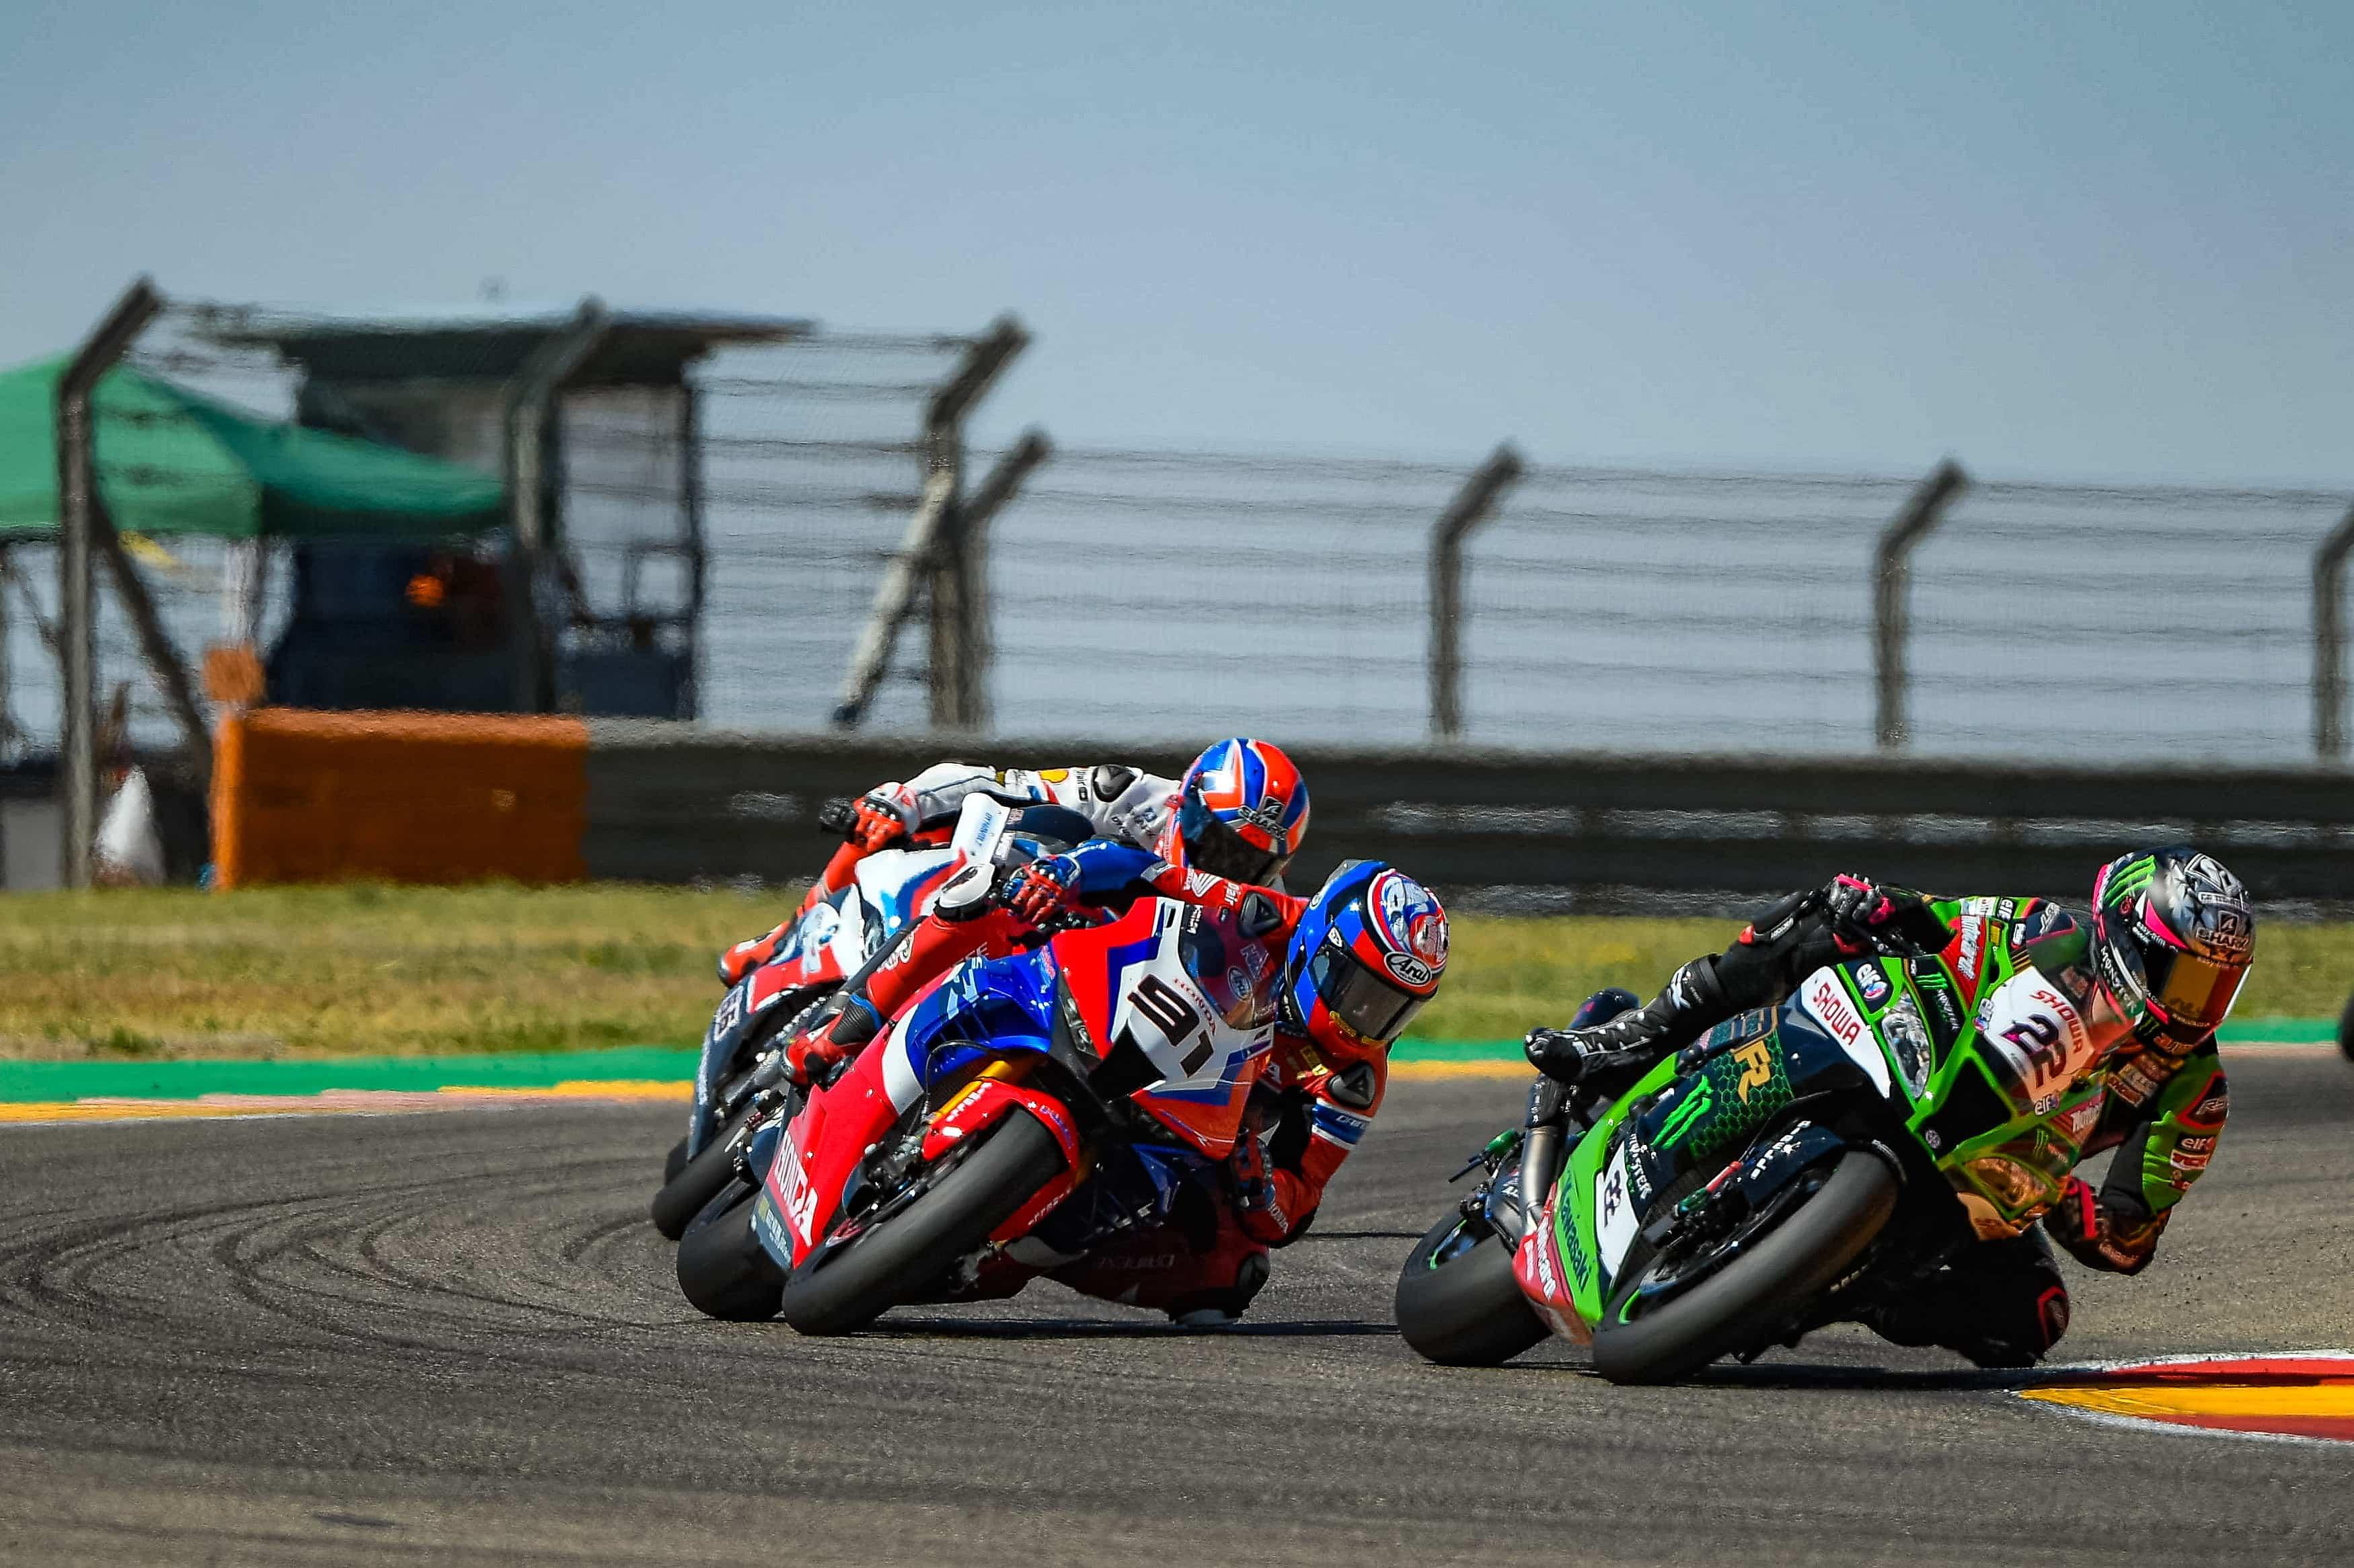 スーパーバイク世界選手権 テルエル戦レース1 7位レオン・ハスラム「トップ5での完走を目指していた」